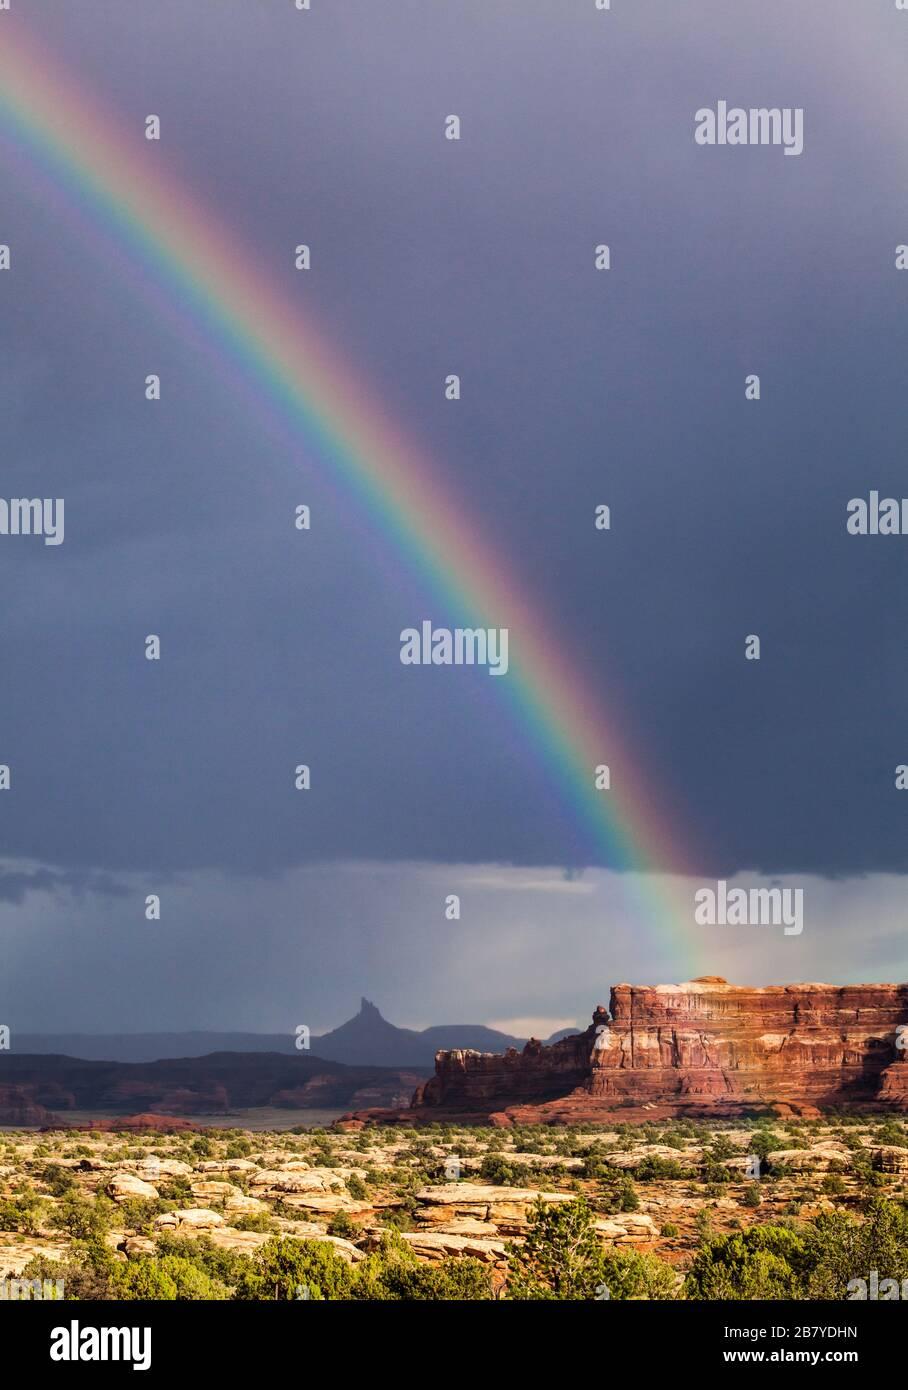 Un arco iris sobre el pico de seis disparos del sur en el sudeste de Utah visto desde el Parque Nacional Canyonlands después de una tormenta de lluvia, EE.UU. Foto de stock